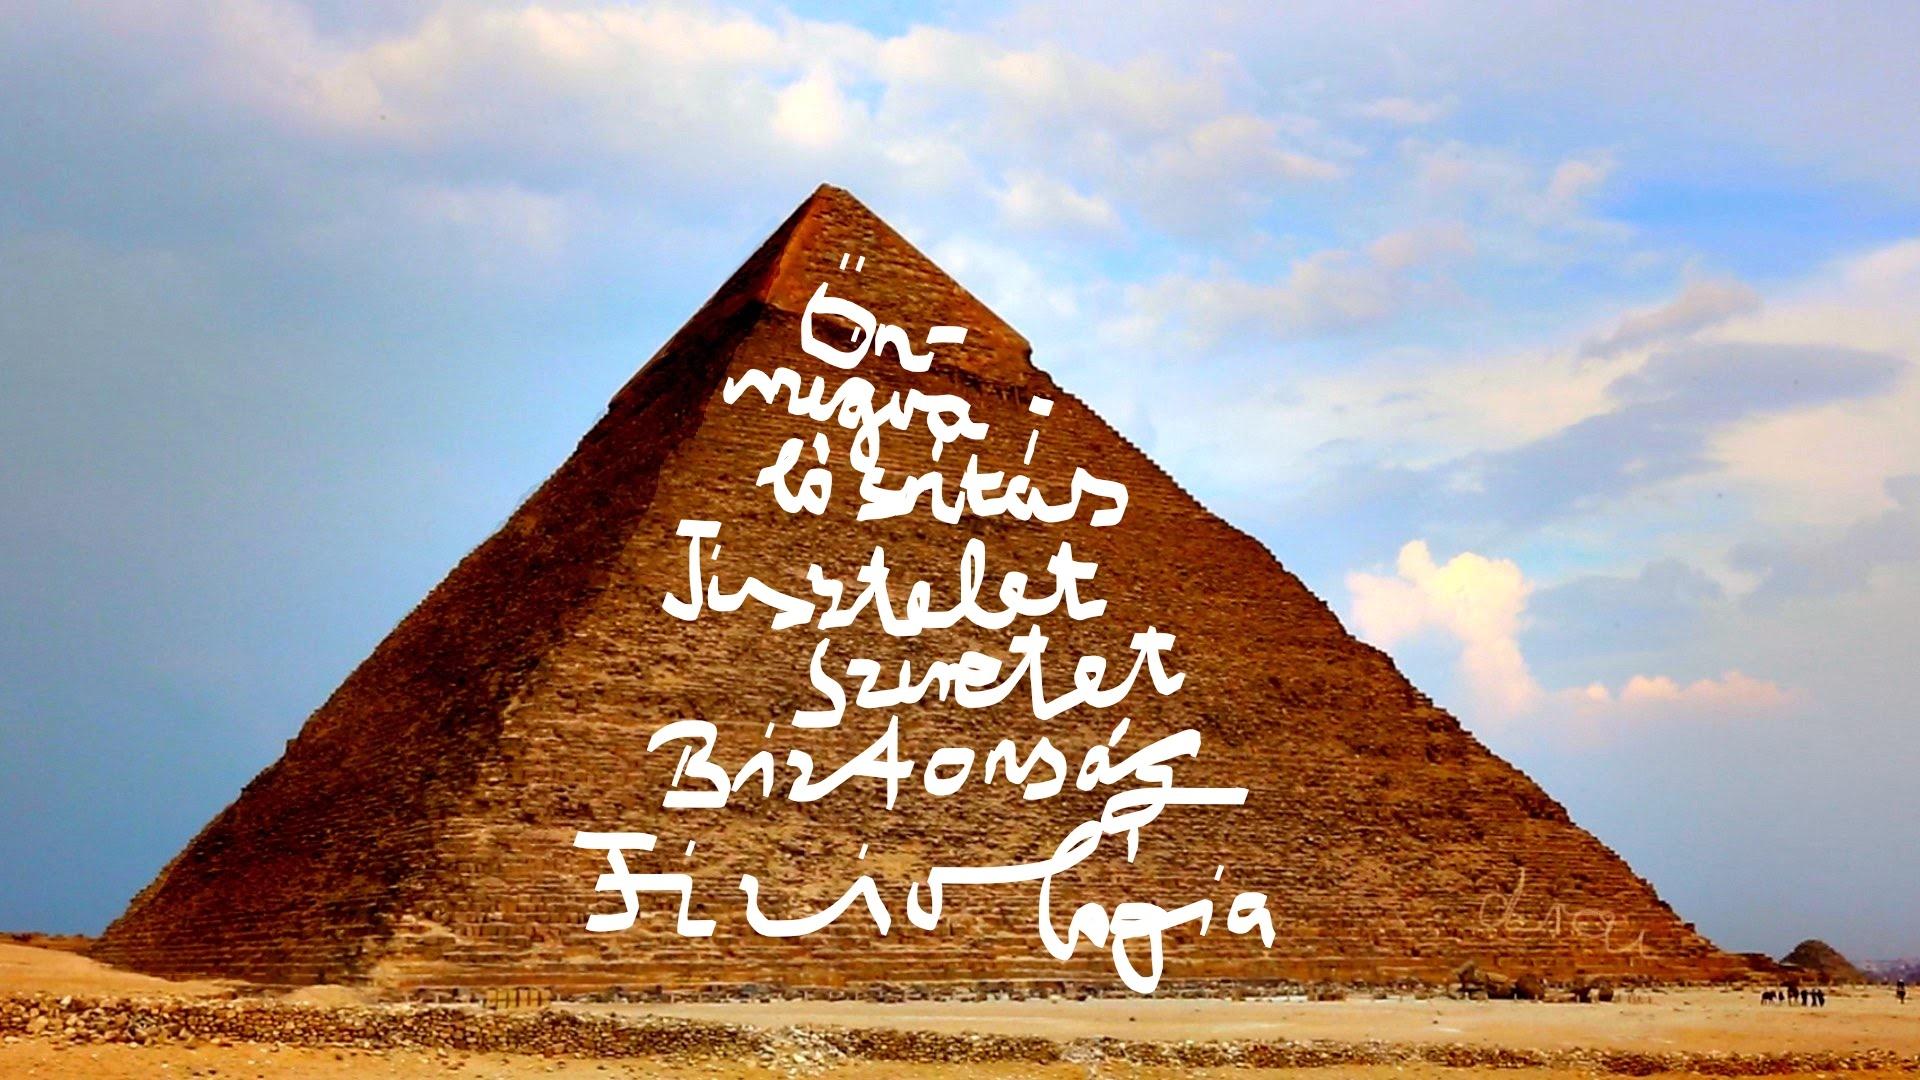 A piramismerénylet